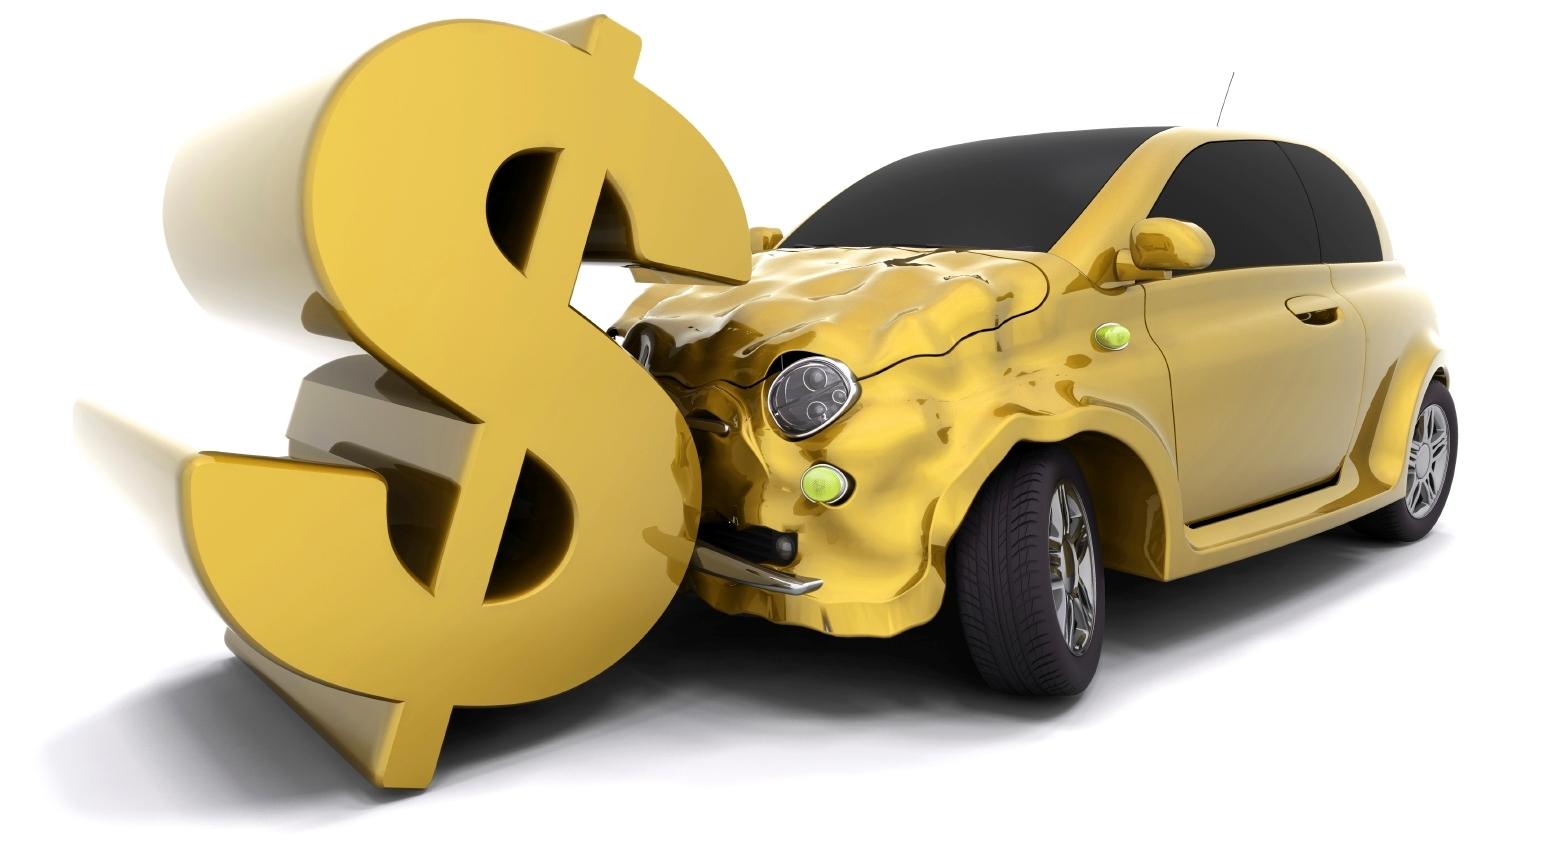 срочный выкуп автомобилей, купить авто, продать автомобиль, цены автомобиля, бесплатный выезд оценщика, новые, поддержанные, битые, автомобиль не на ходу, кредитные, залоговые, арестованные, не растаможенные, без документов, после аварии, распил, по разбор, грузовые, легковые, мототехника, отечественные, иностранные, предпродажная диагностика автомобиля, автомобиль в ДТП, снижение стоимости, сколов, царапин, ржавчину, двигателя, паспорт, ПТС